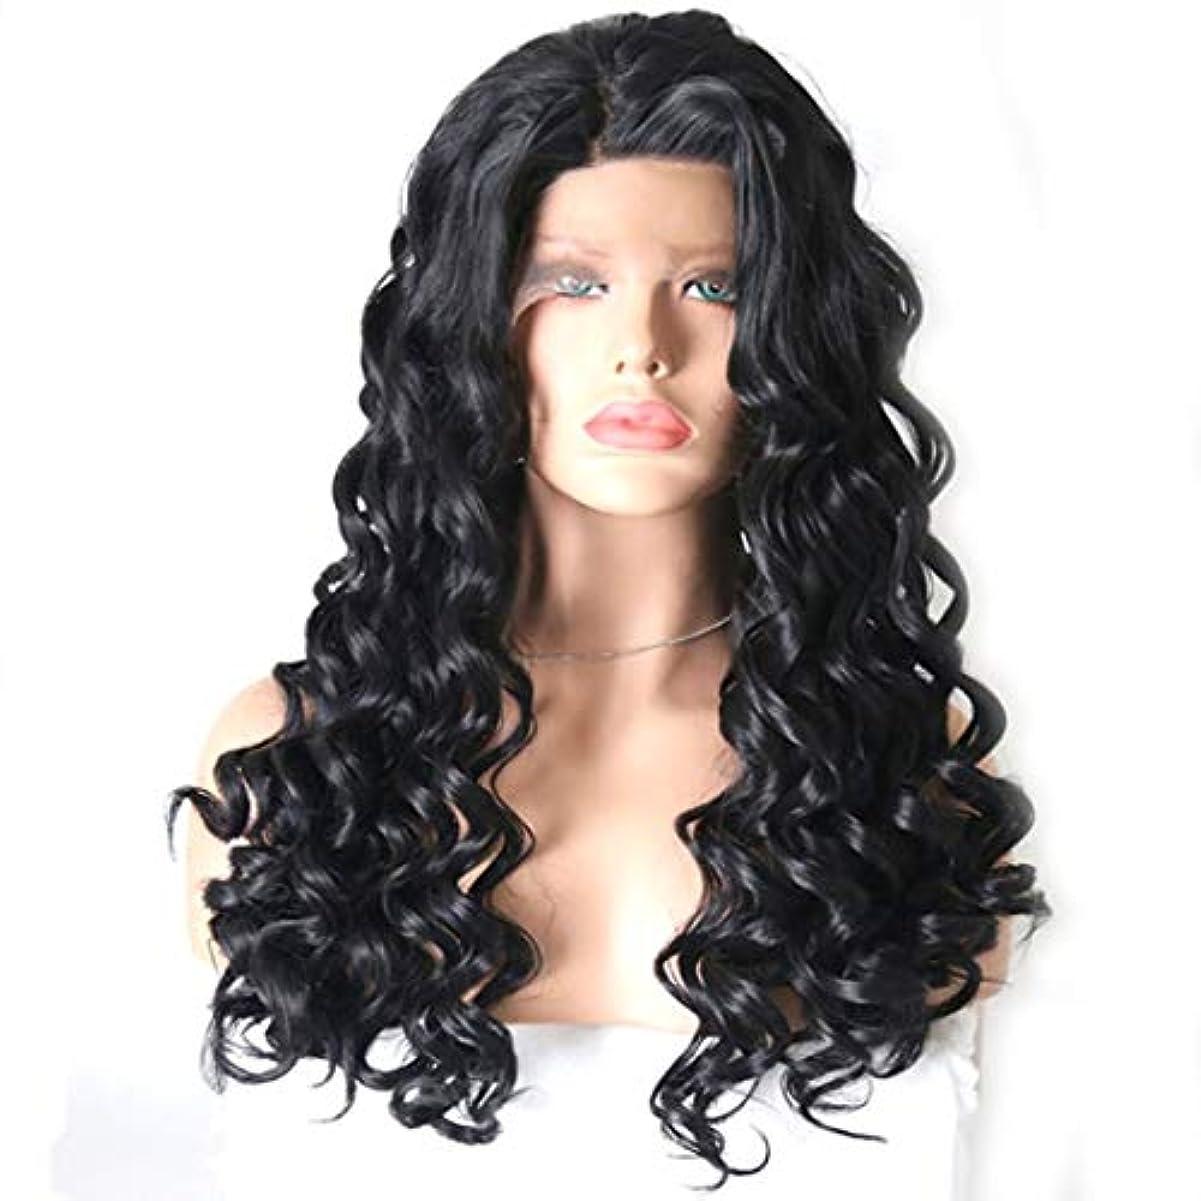 グラディス相互屋内Kerwinner 黒い巻き毛のかつらフロントレースを持つ女性のための長い巻き毛 (Color : Black, Size : 20 inches)